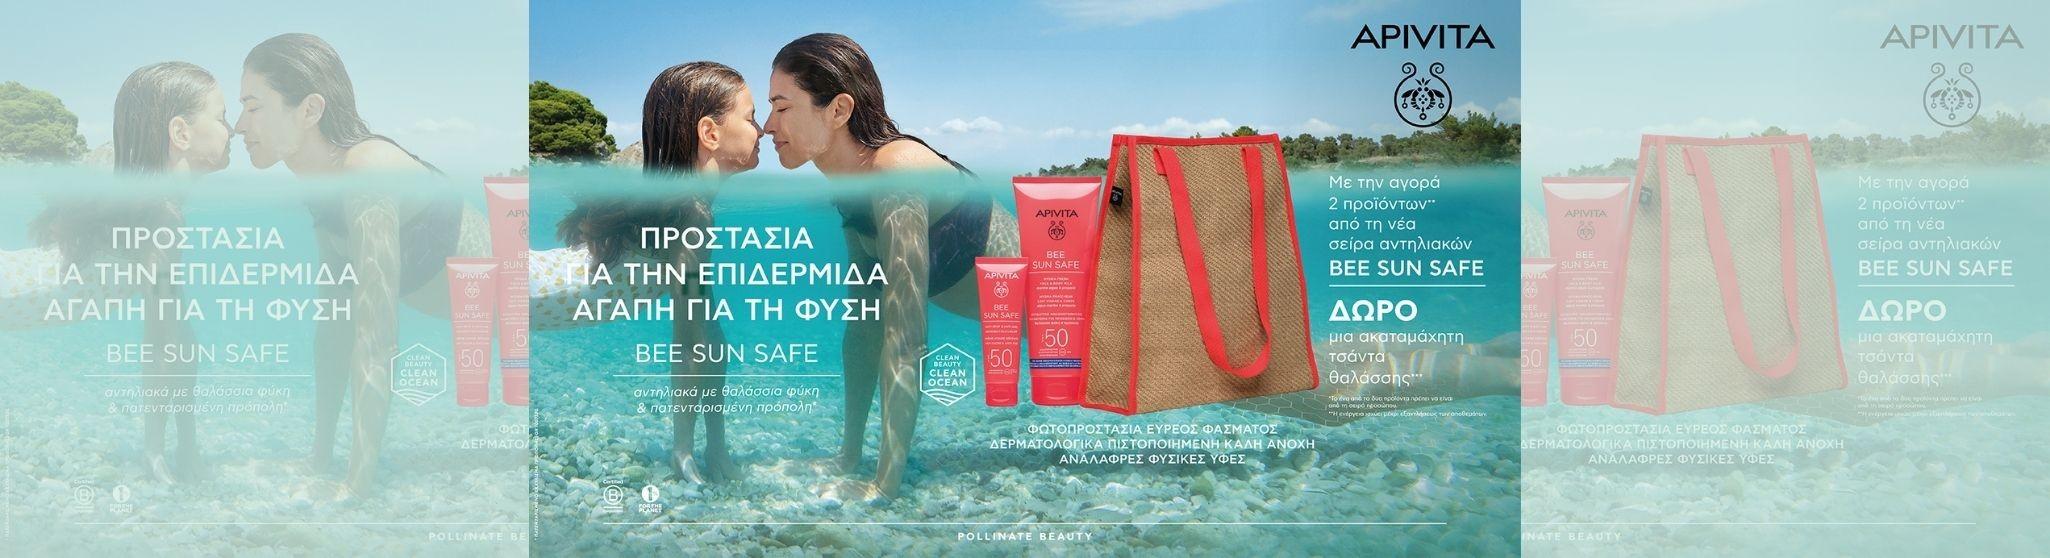 Με την αγορά 2 προιόντων από τη σειρά BEE SUN SAFE δώρο τσάντα θαλάσσης.